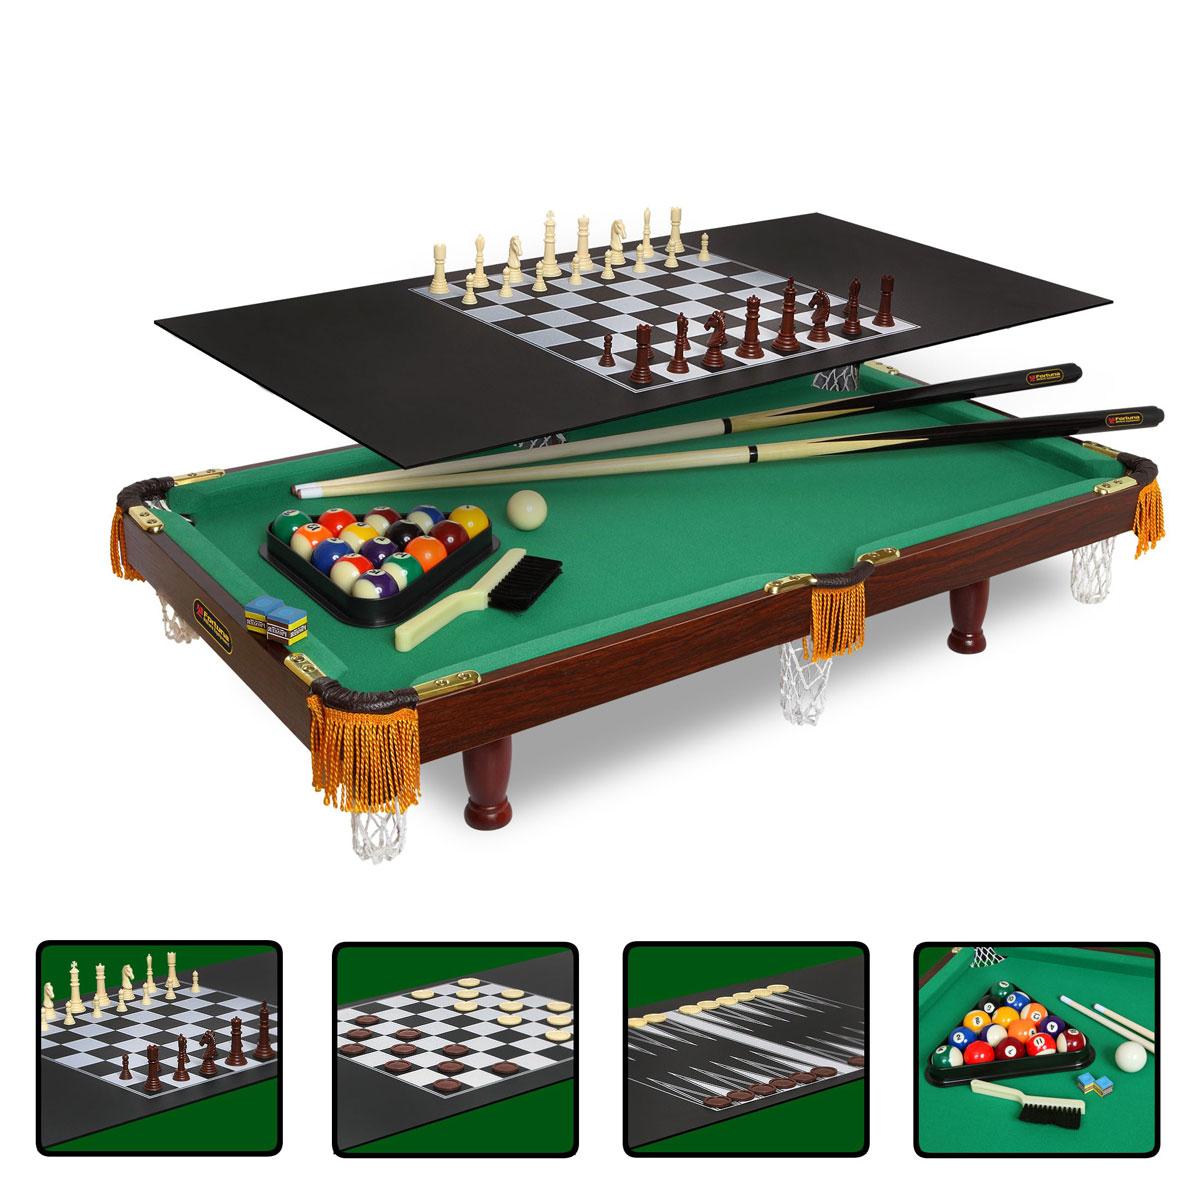 Стол бильярдный Fortuna, для американского пула, 4 в 1, 84 см х 42 см332515-2800Бильярдный стол Fortuna - это многофункциональный игровой стол, включающий 4 игры: американский бильярд, шашки, шахматы и нарды.Основой служит бильярдный стол размером 3 фута для игры в американский пул с плитой из ЛДСП толщиной 9 мм, покрытой сукном традиционного для бильярда цвета English Green (английский зеленый). Для использования стола в качестве основы для других видов игр используется дополнительная плита толщиной 3 мм черного цвета, на которой размещается игровое поле с разметкой для соответствующей настольной игры (шашки, нарды или шахматы).Комплект аксессуаров: 1. Для игры в американский пул:Комплект шаров диаметром 32 мм (16 шт.).Треугольник для шаров.2 кия длиной 91,44 см.2 мелка Pioner (синие).Щетка для ухода за сукном.2. Для игры в шашки:Игровое поле с нанесенной на него соответствующей разметкой.Шашки 2-х цветов (коричневые и белые) по 12 шт. каждого цвета (всего 24 шт.). 3. Для игры в шахматы:Игровое поле с нанесенной на него соответствующей разметкой.Шахматные фигуры 2 комплекта разного цвета (коричневые и белые) по 16 фигур каждый (всего 32 шт.).4. Для игры в нарды:Игровое поле с нанесенной на него соответствующей разметкой.Фишки 2-х цветов (коричневые и белые) по 15 шт. каждого цвета (всего 30 шт.).